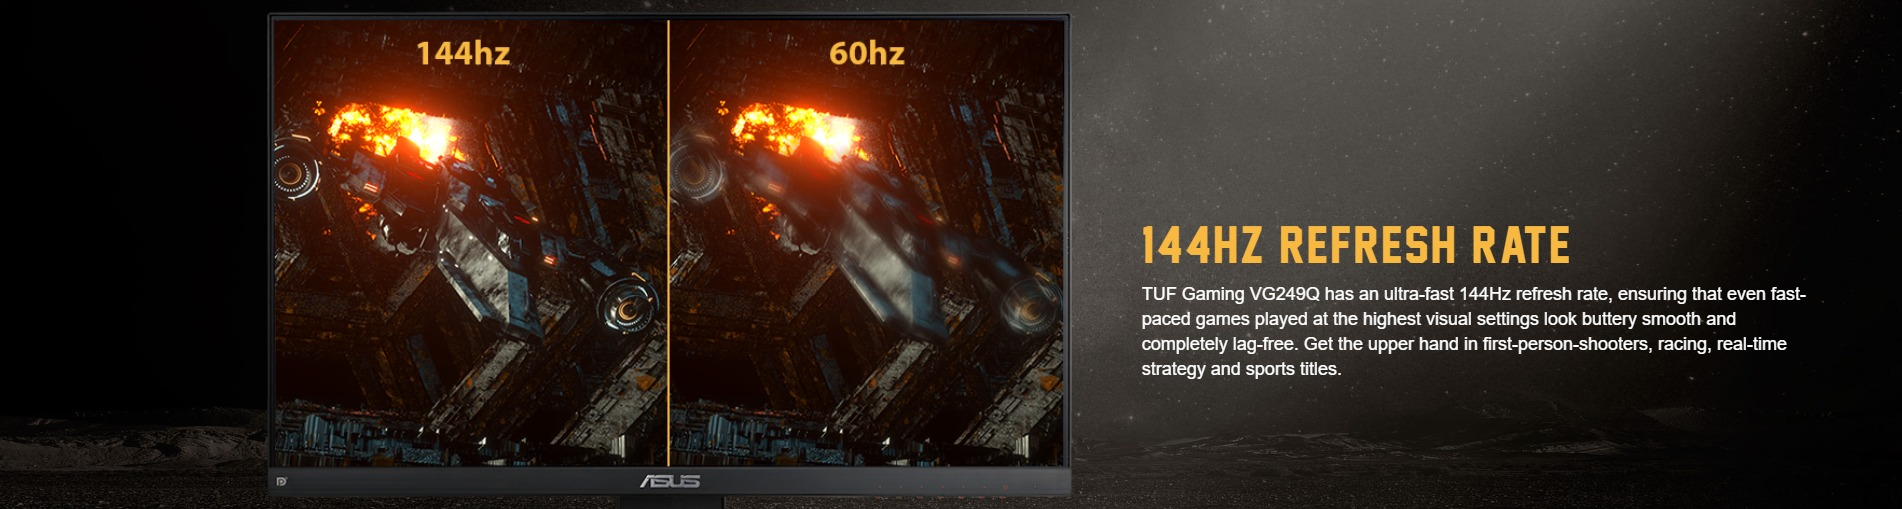 Màn hình ASUS TUF GAMING VG249Q 144hz